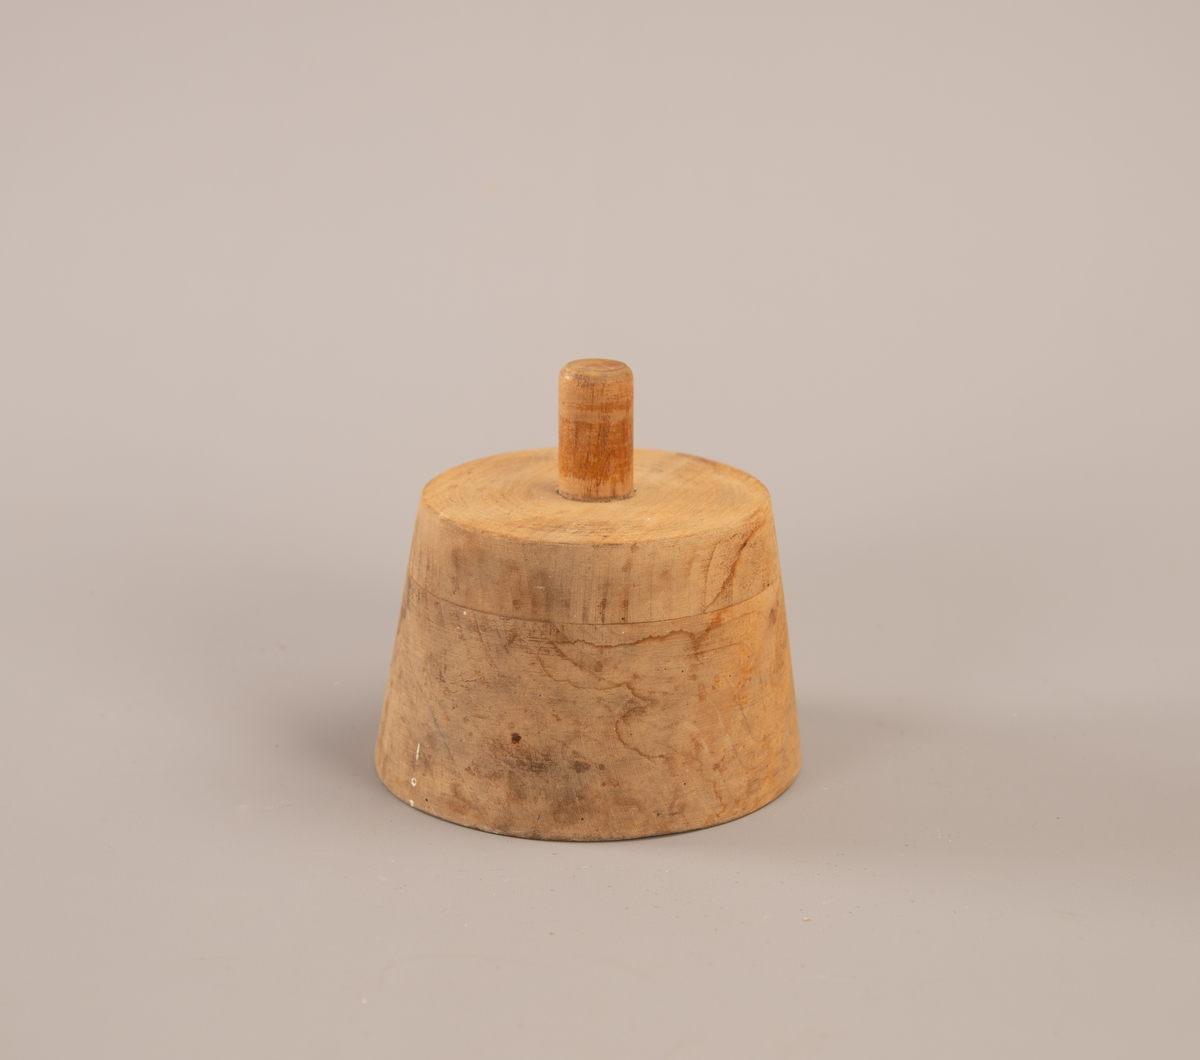 Kjegleformet hatteform med håndtak i tre på toppen. Håndtaket er limt inni et hull som er boret inn i trestykket.